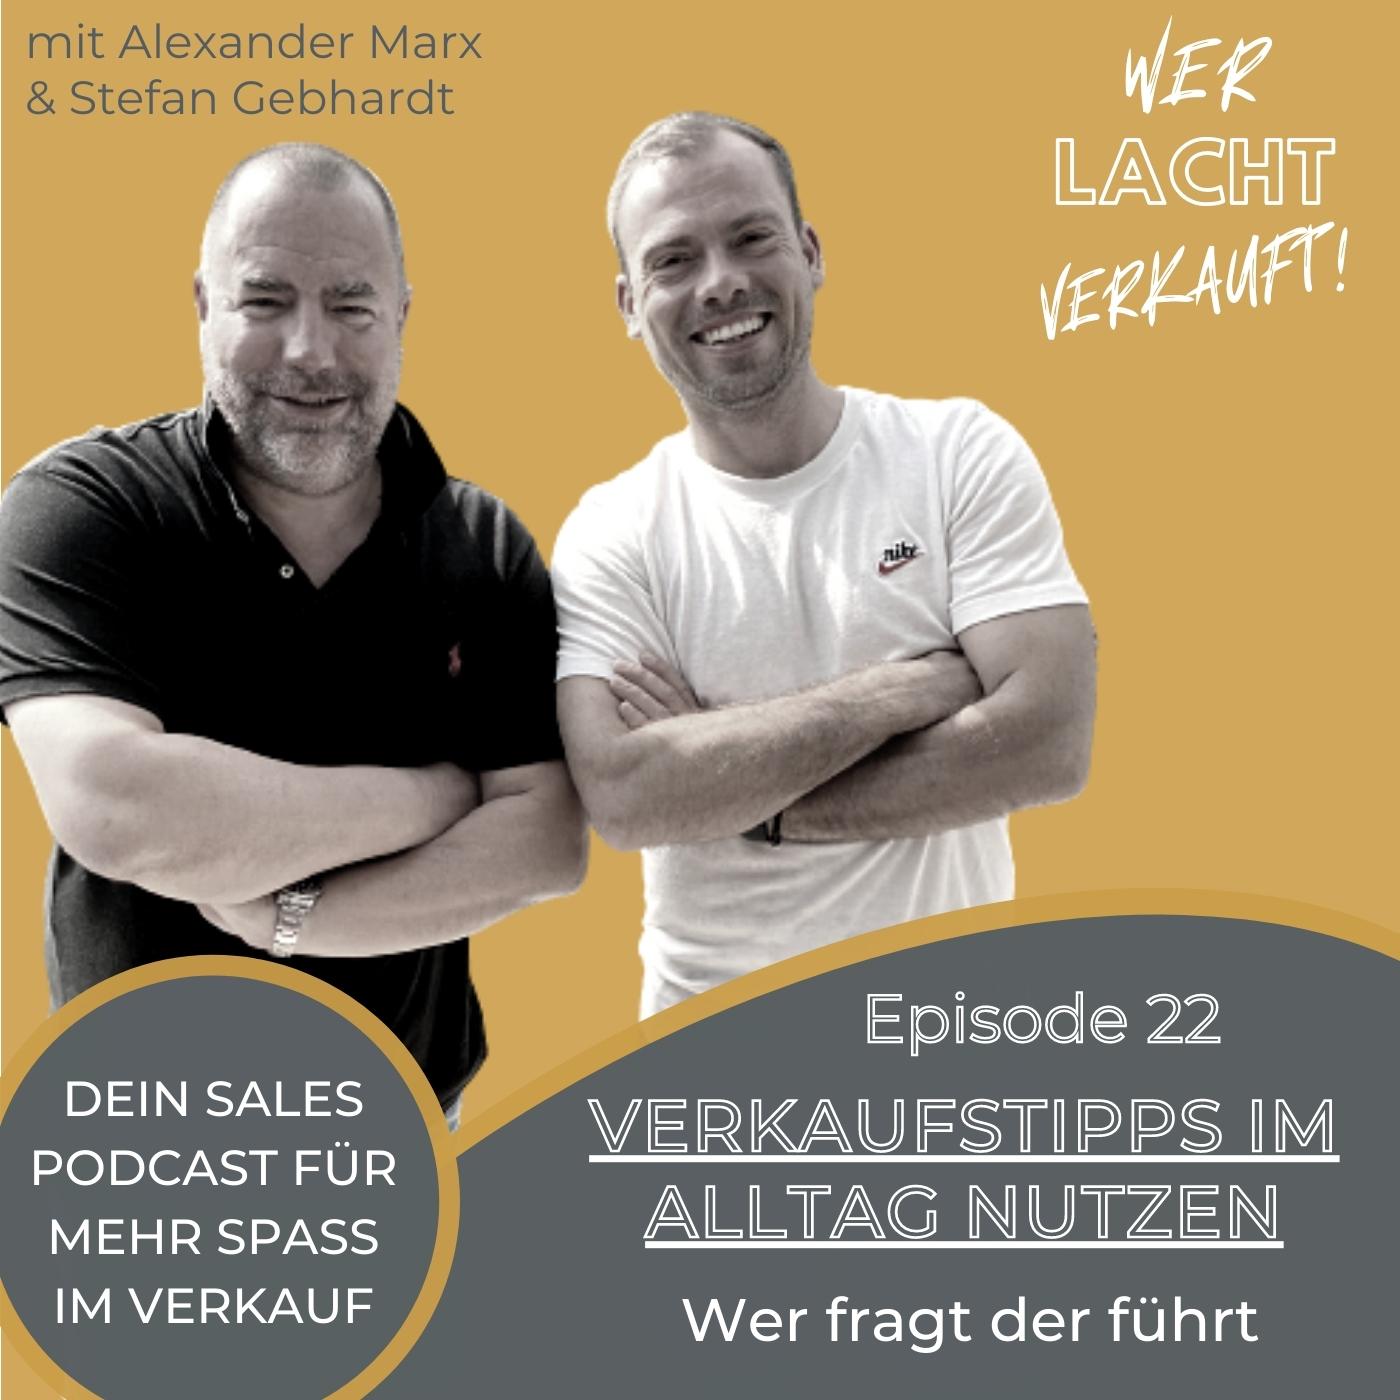 Stefan Gebhardt und Alexander Marx auf dem Cover von Folge 22